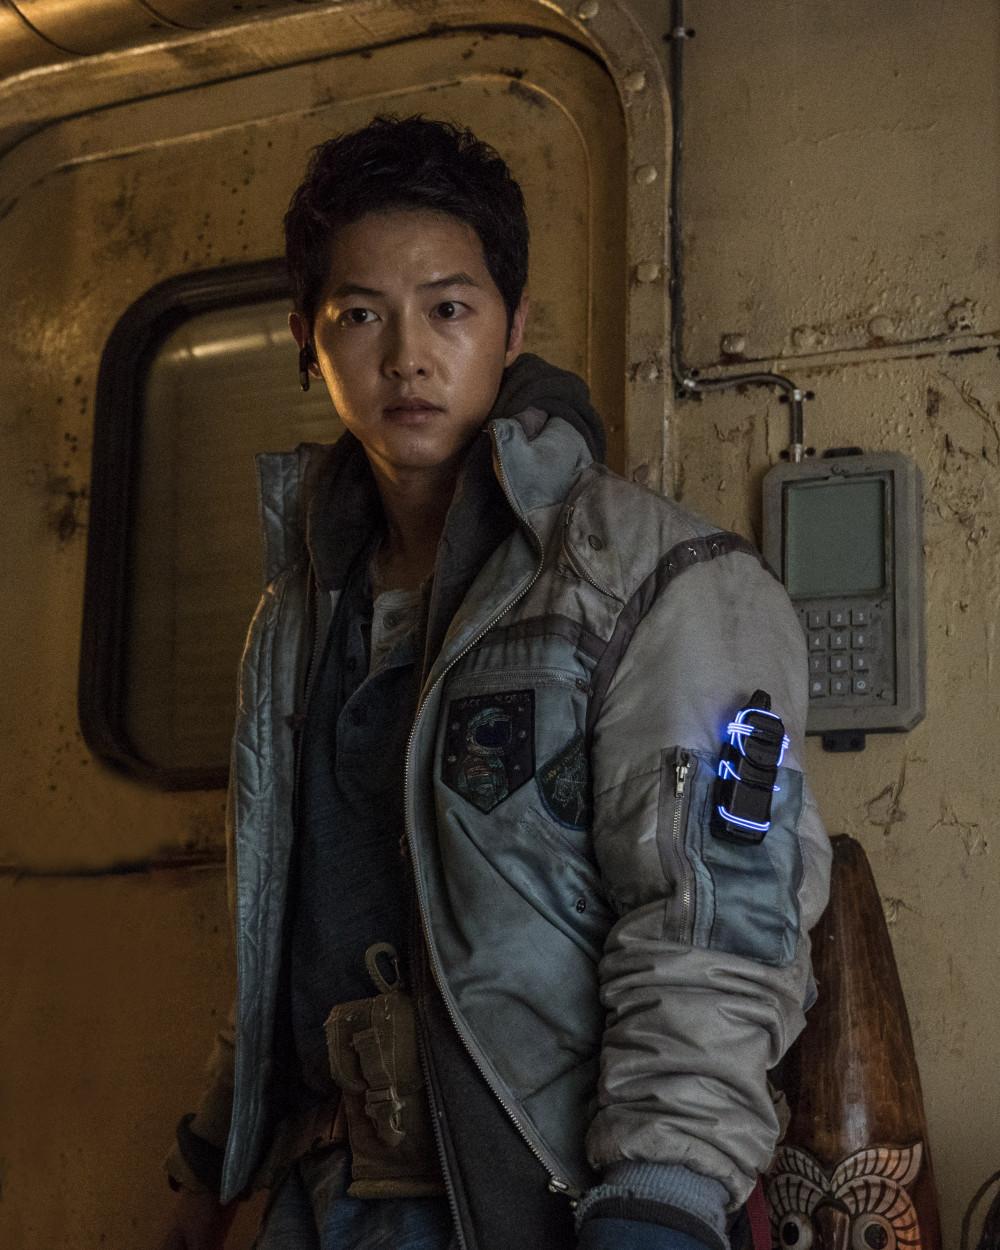 Song Joong Ki và tạo hình trong Space Sweepers - bộ phim viễn tưởng có kinh phí thuộc hàng khủng tại Hàn Quốc.